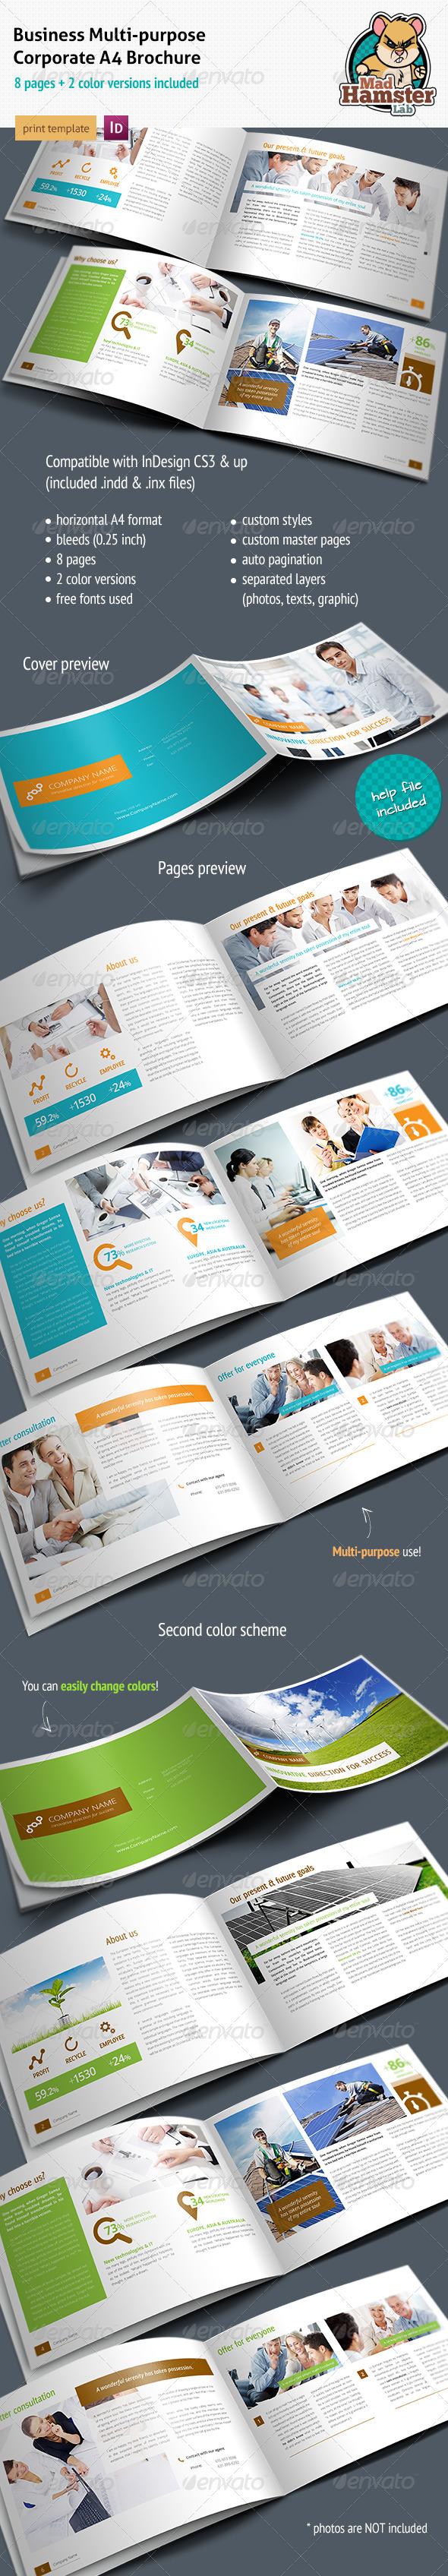 GraphicRiver Business Corporate Multi-purpose A4 Brochure 2471196